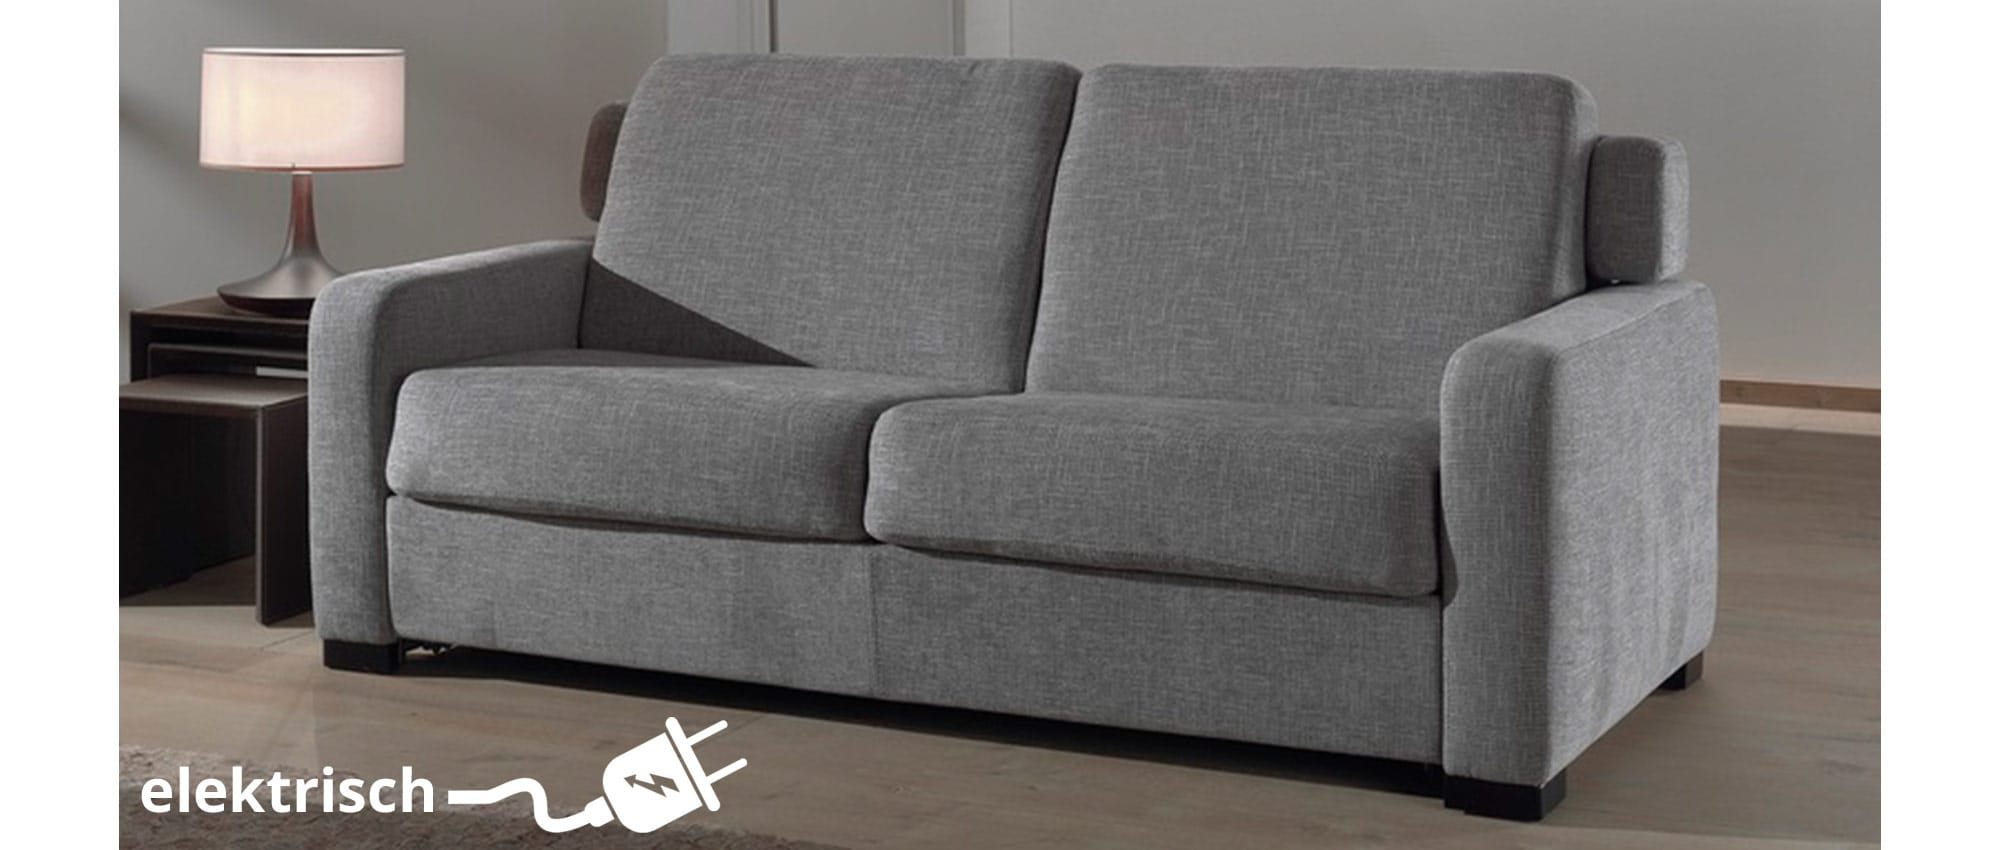 Elektrisches schlafsofa mit motor tesla von sofaplus for Schlafsofa elektrisch